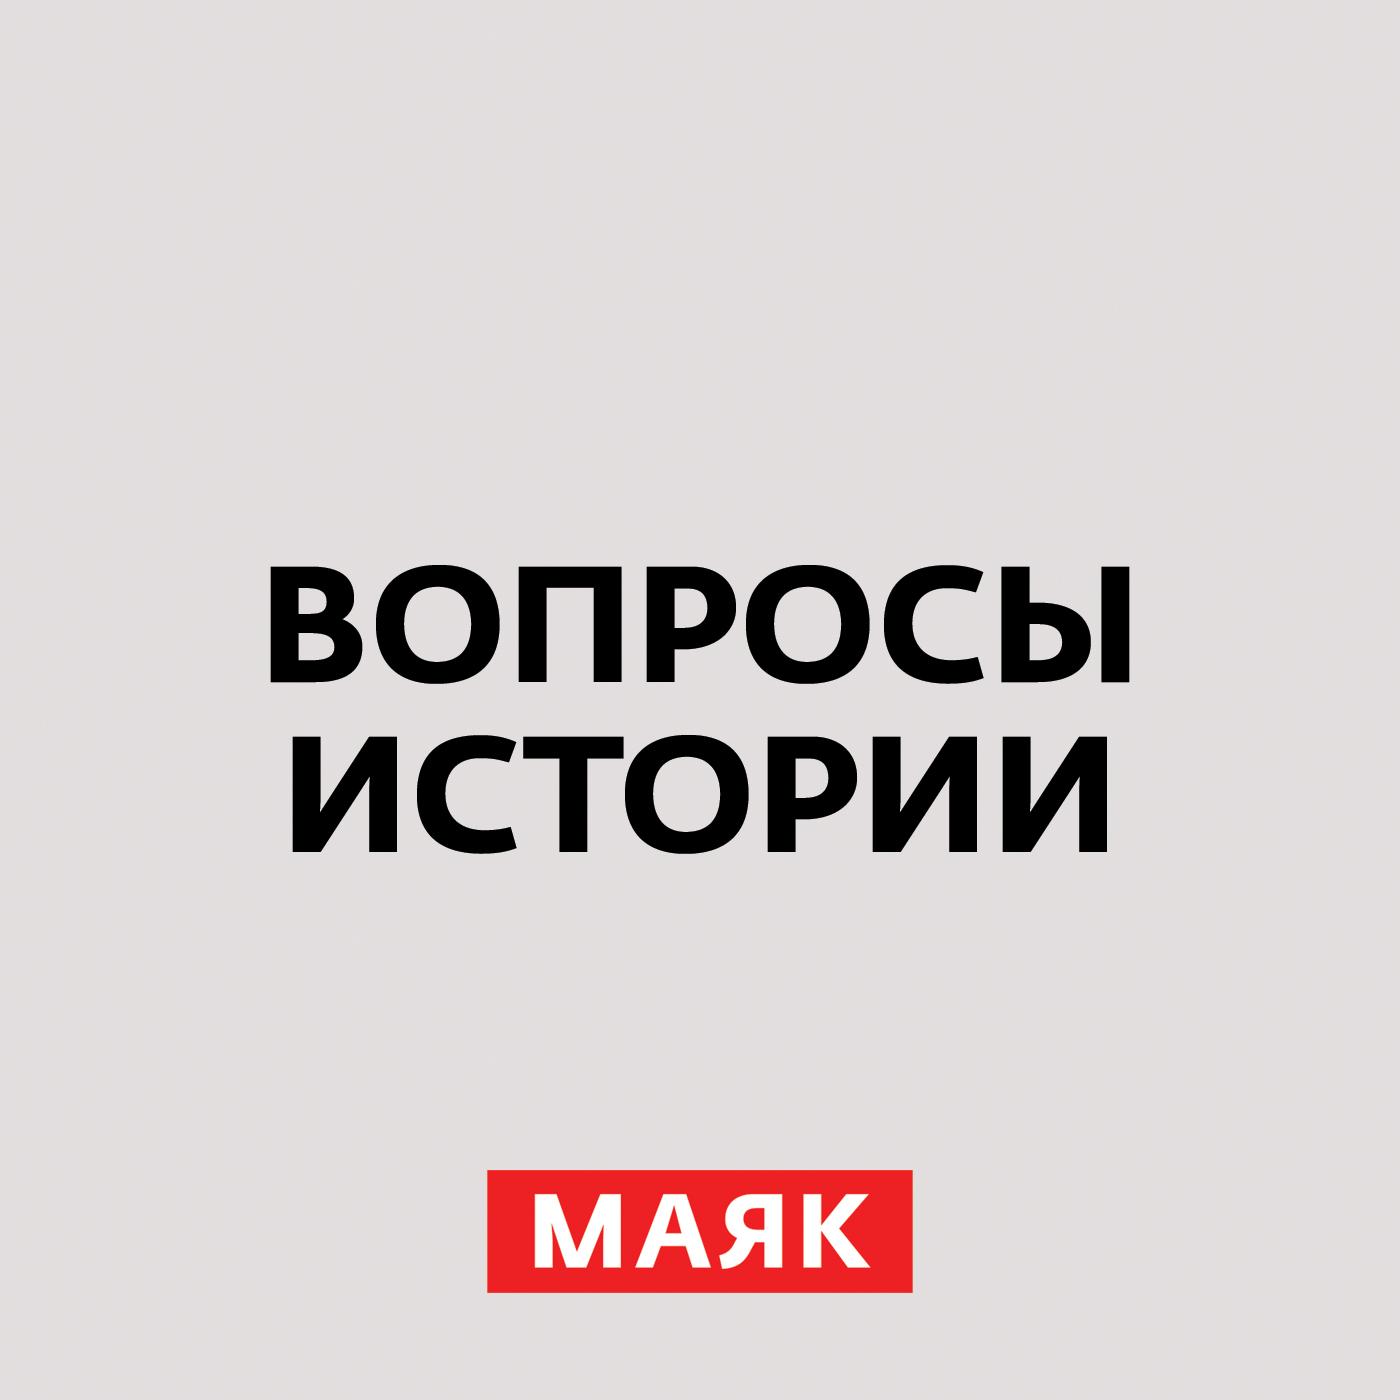 Андрей Светенко В начале 50-х Сталин явно сдал, но сдаваться не собирался. Часть 3 андрей светенко ленд лиз в годы вов мифы и реальность